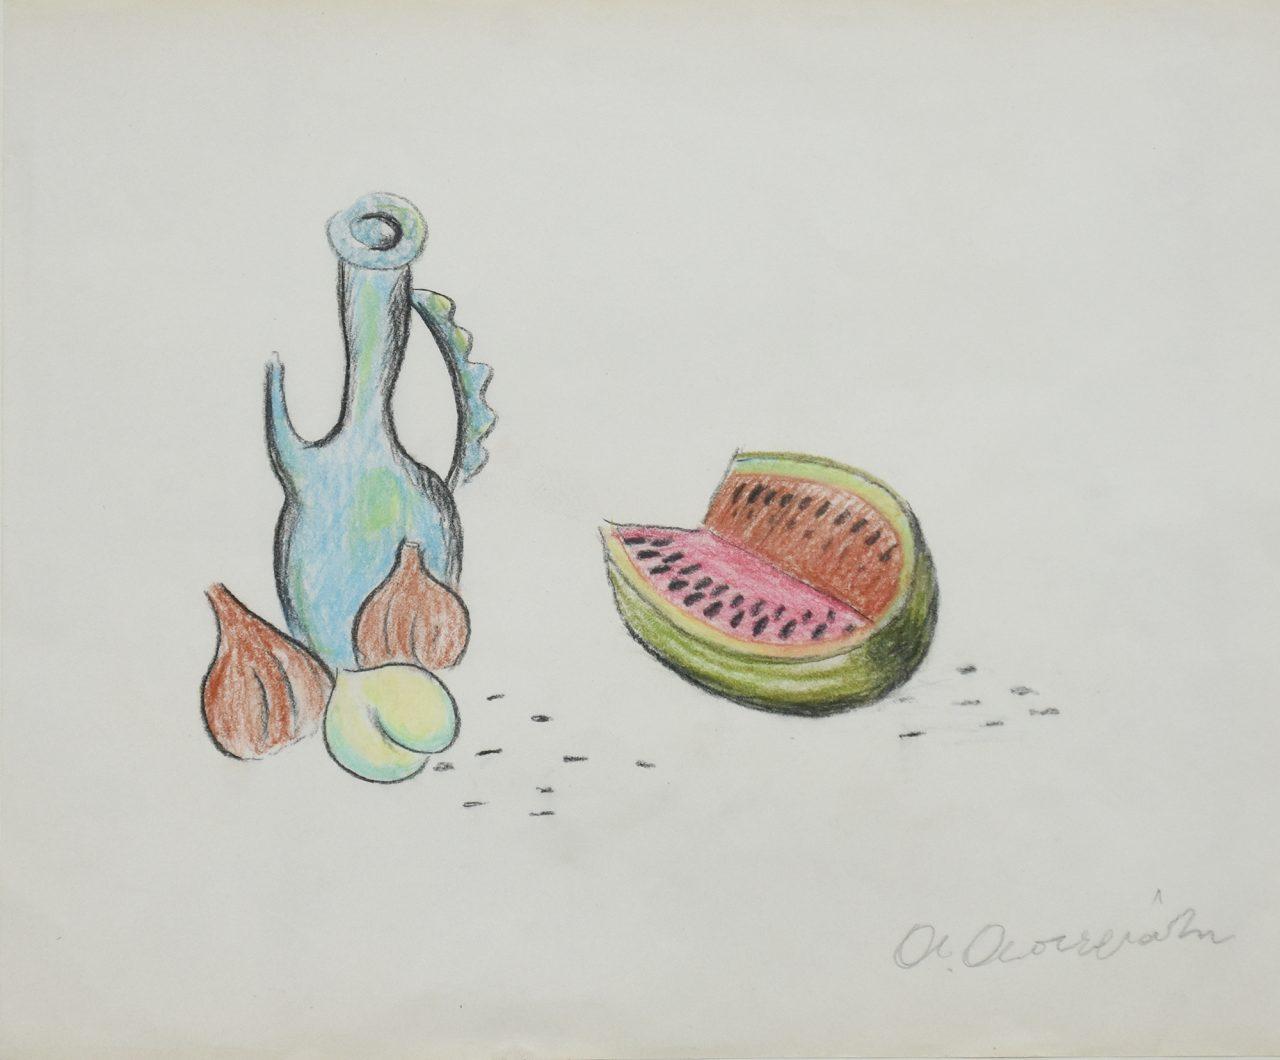 052. ASTERIADIS Aginor (1898-1977)